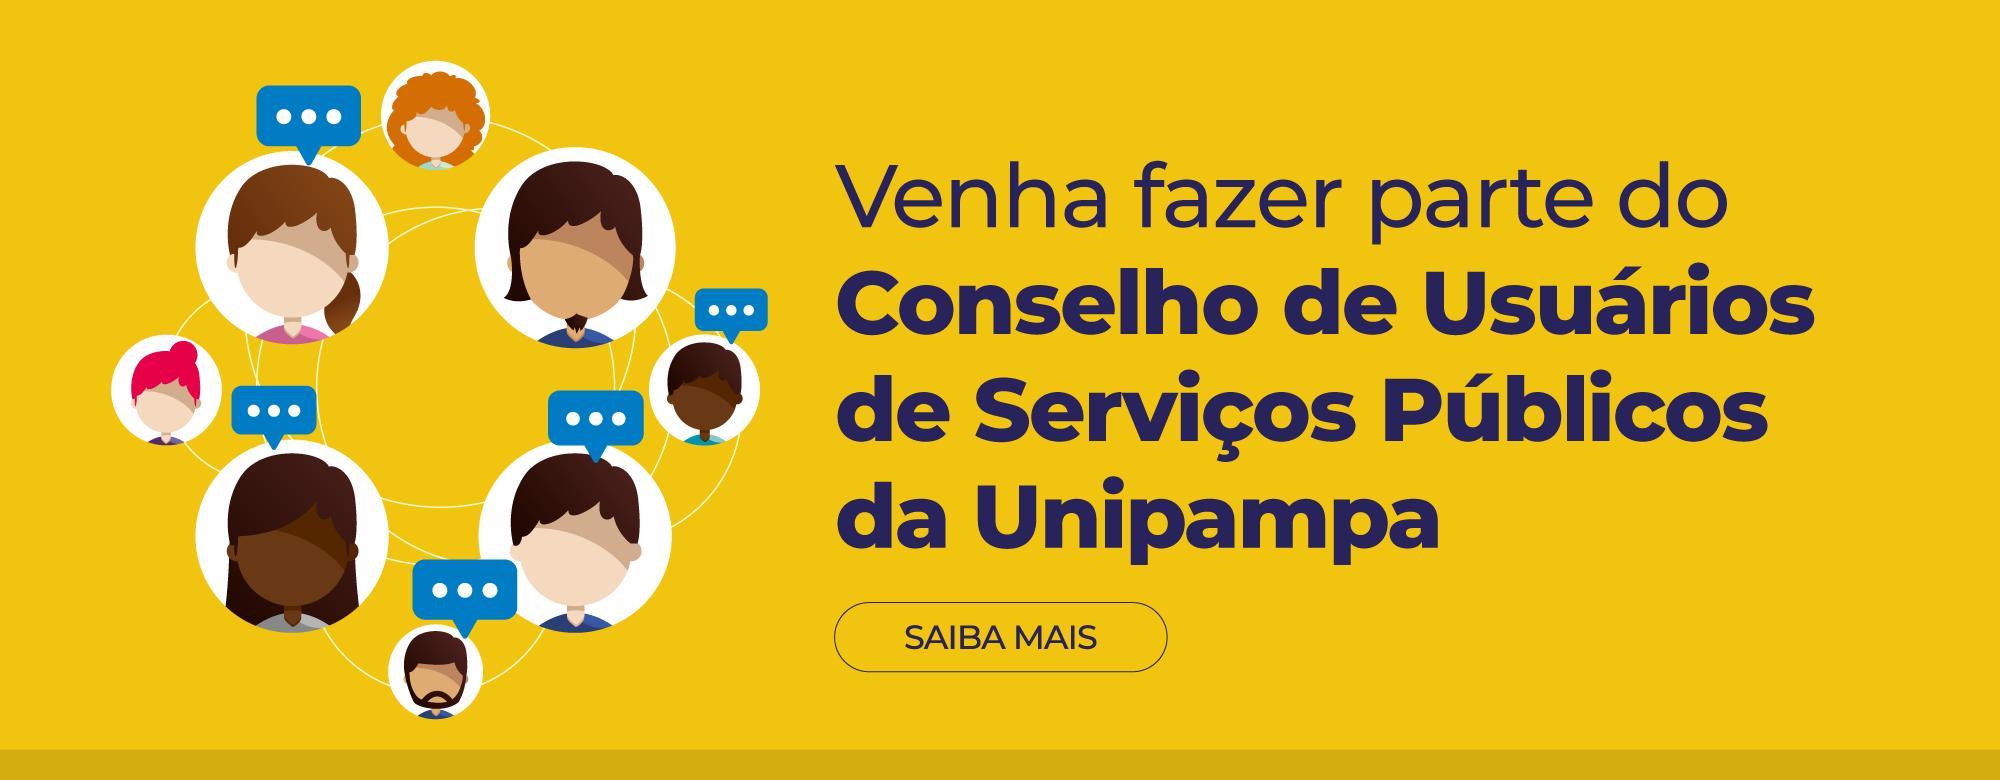 Participe do Conselho de Usuários de Serviços Públicos da Unipampa